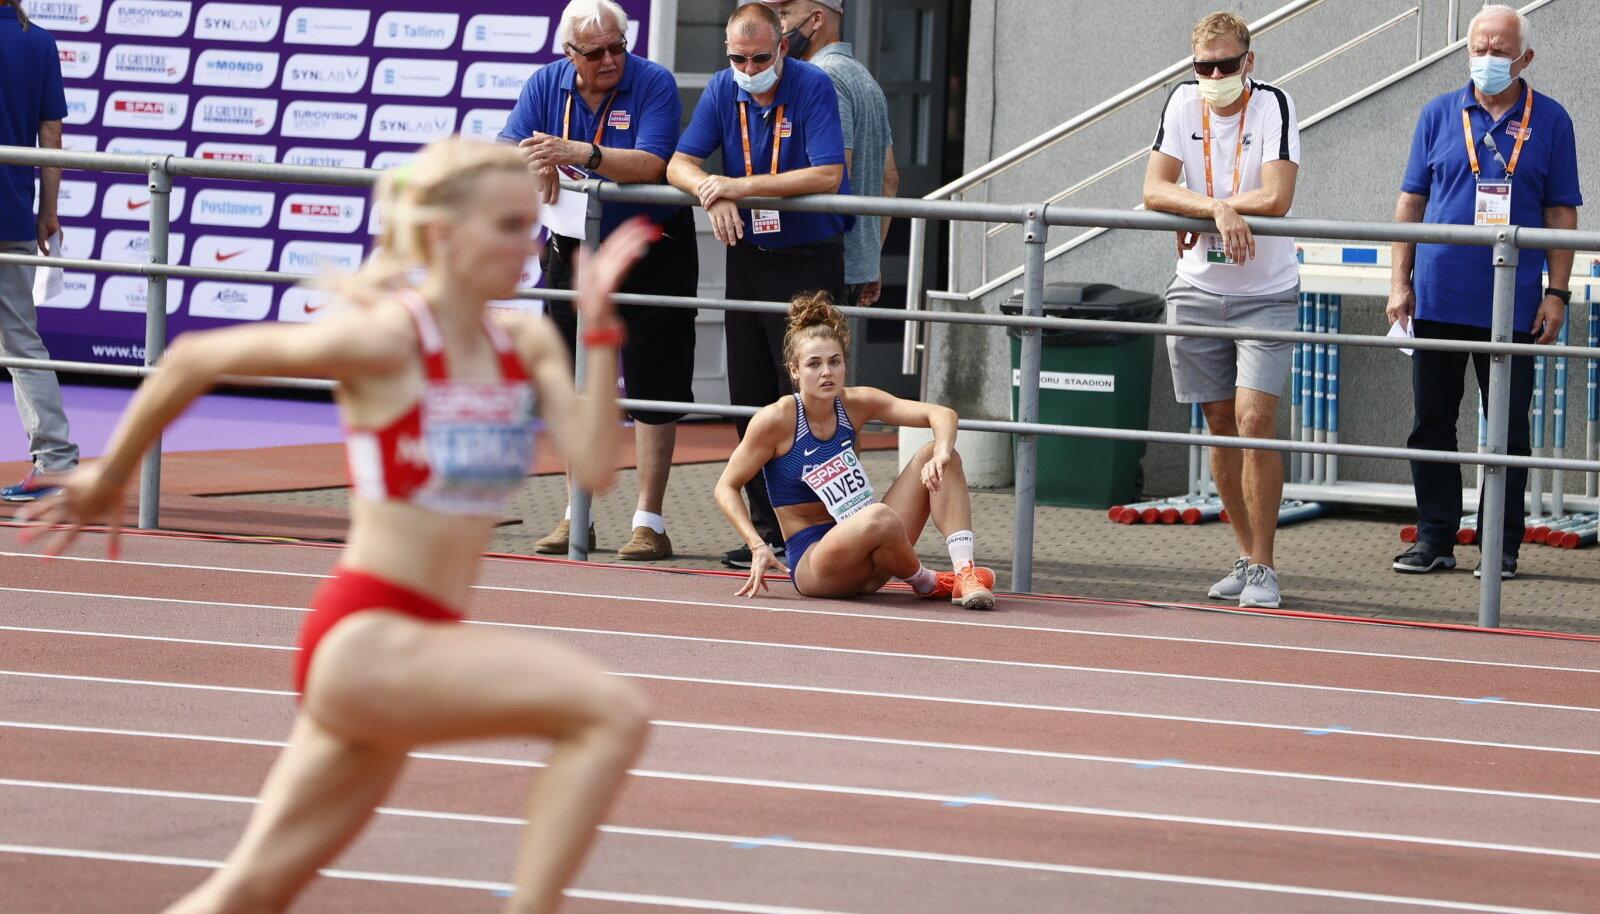 Ärevad hetked: Lishanna Ilves jälgib treener Mikk Jooritsaga, kas ta ikka saab edasi.